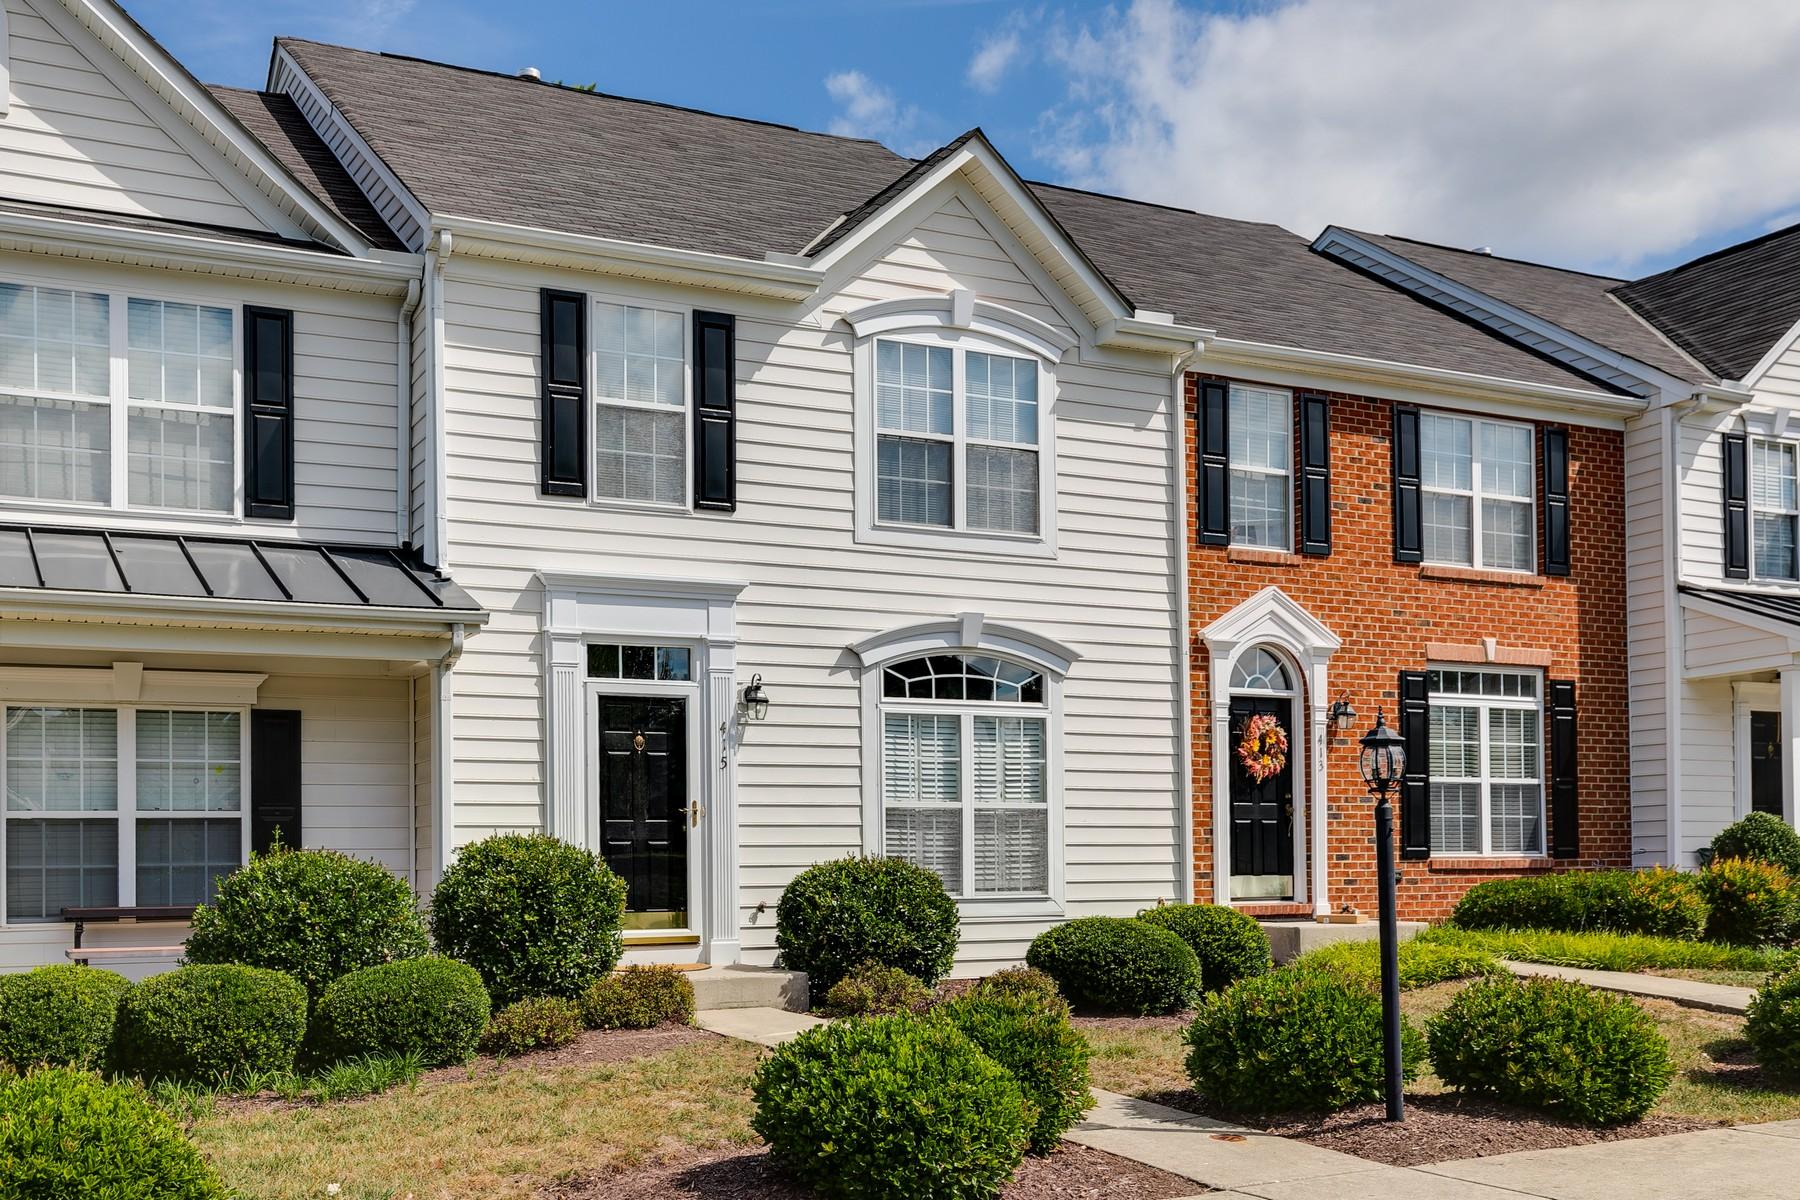 townhouses por un Venta en Townes At Hunton Park 415 Kingscote Lane 415 Henrico, Virginia 23059 Estados Unidos